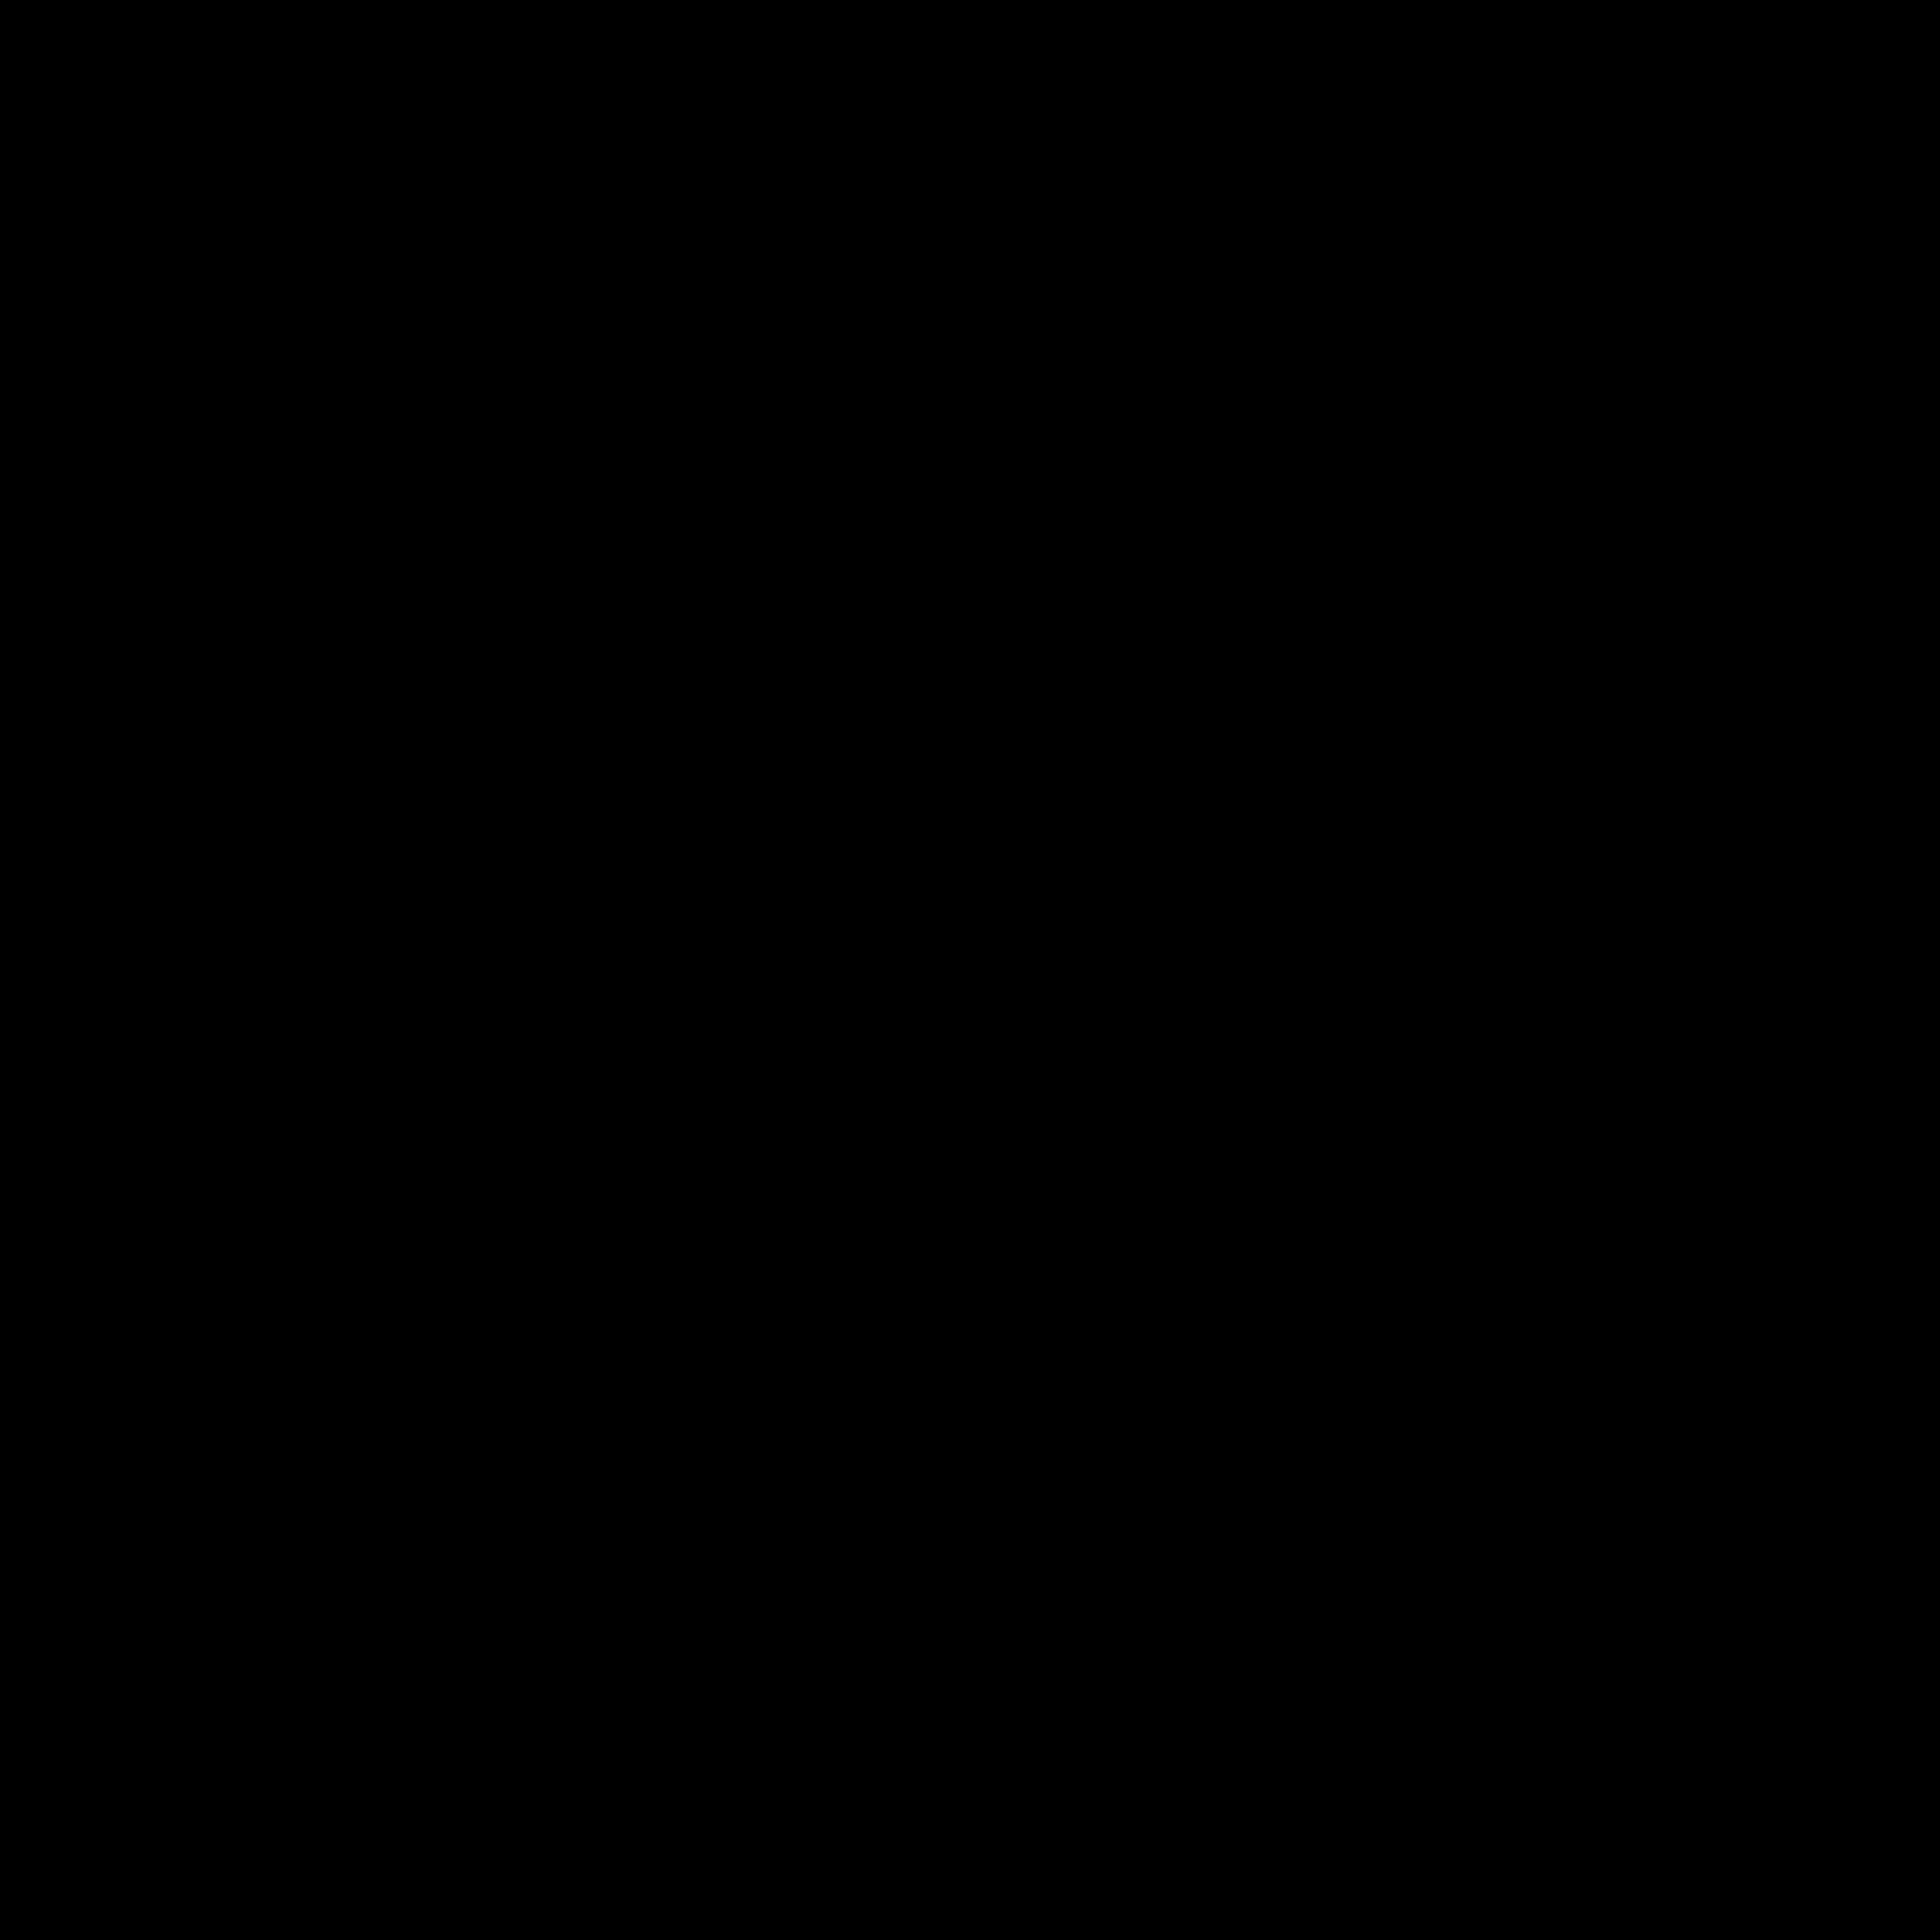 Toxic clipart simbol 3 Class hazardous symbol D